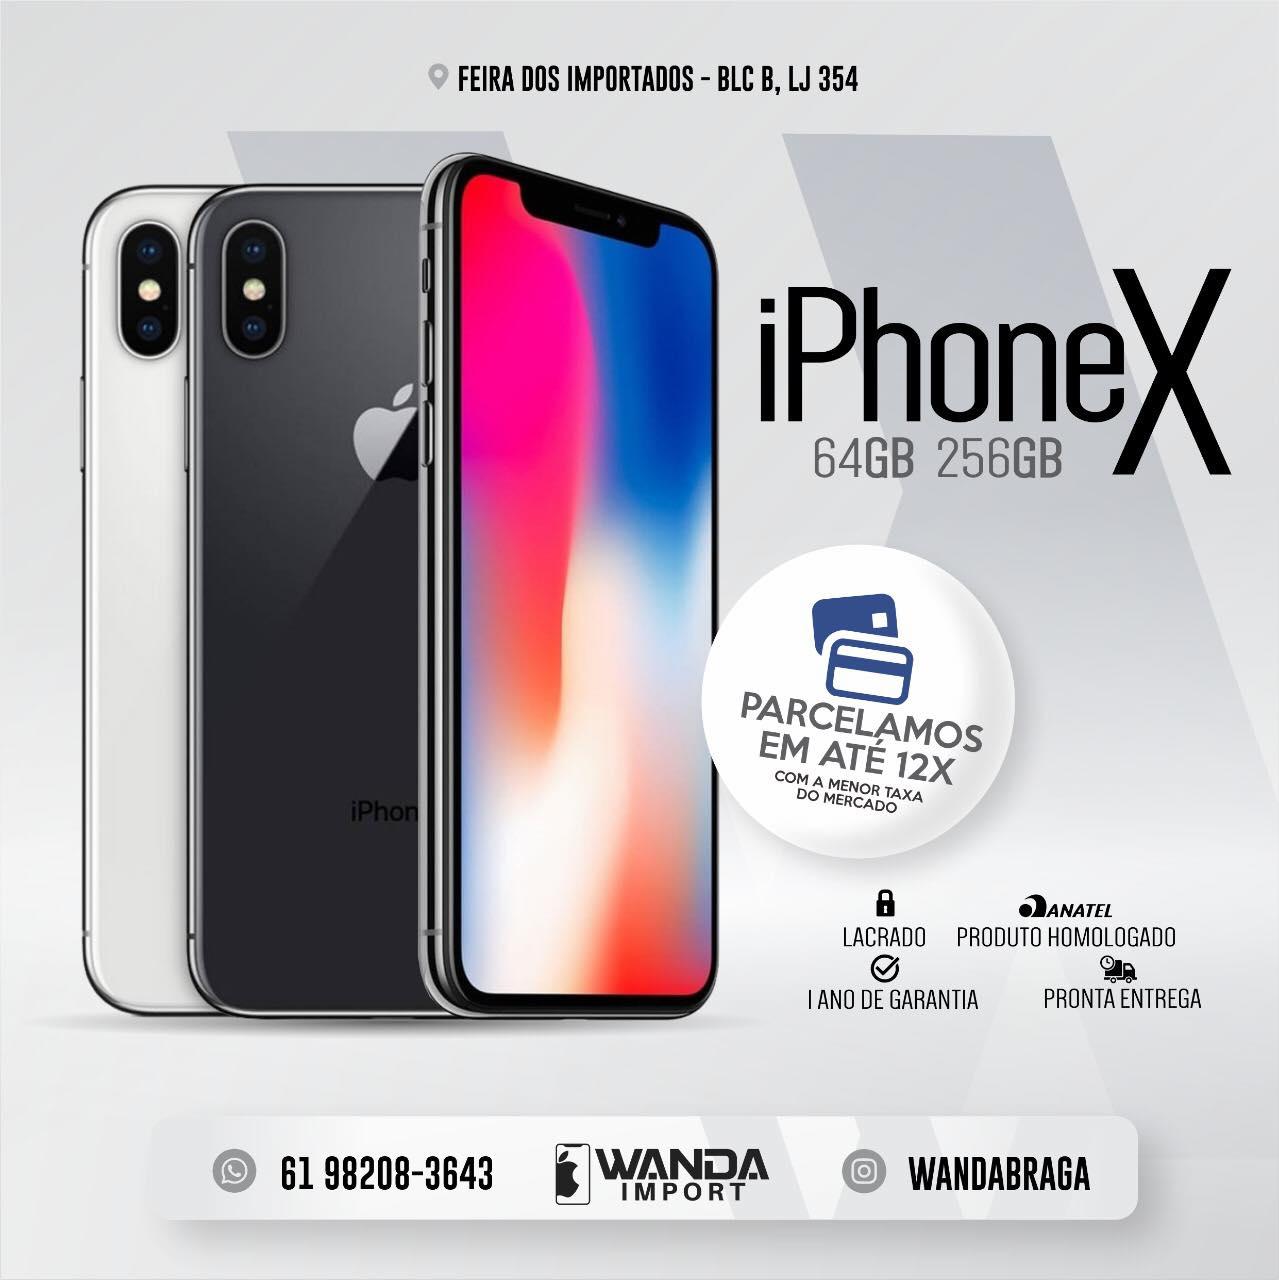 826d93660 iPhone X - Feira dos Importados de Brasília - Sia - A Loja Virtual